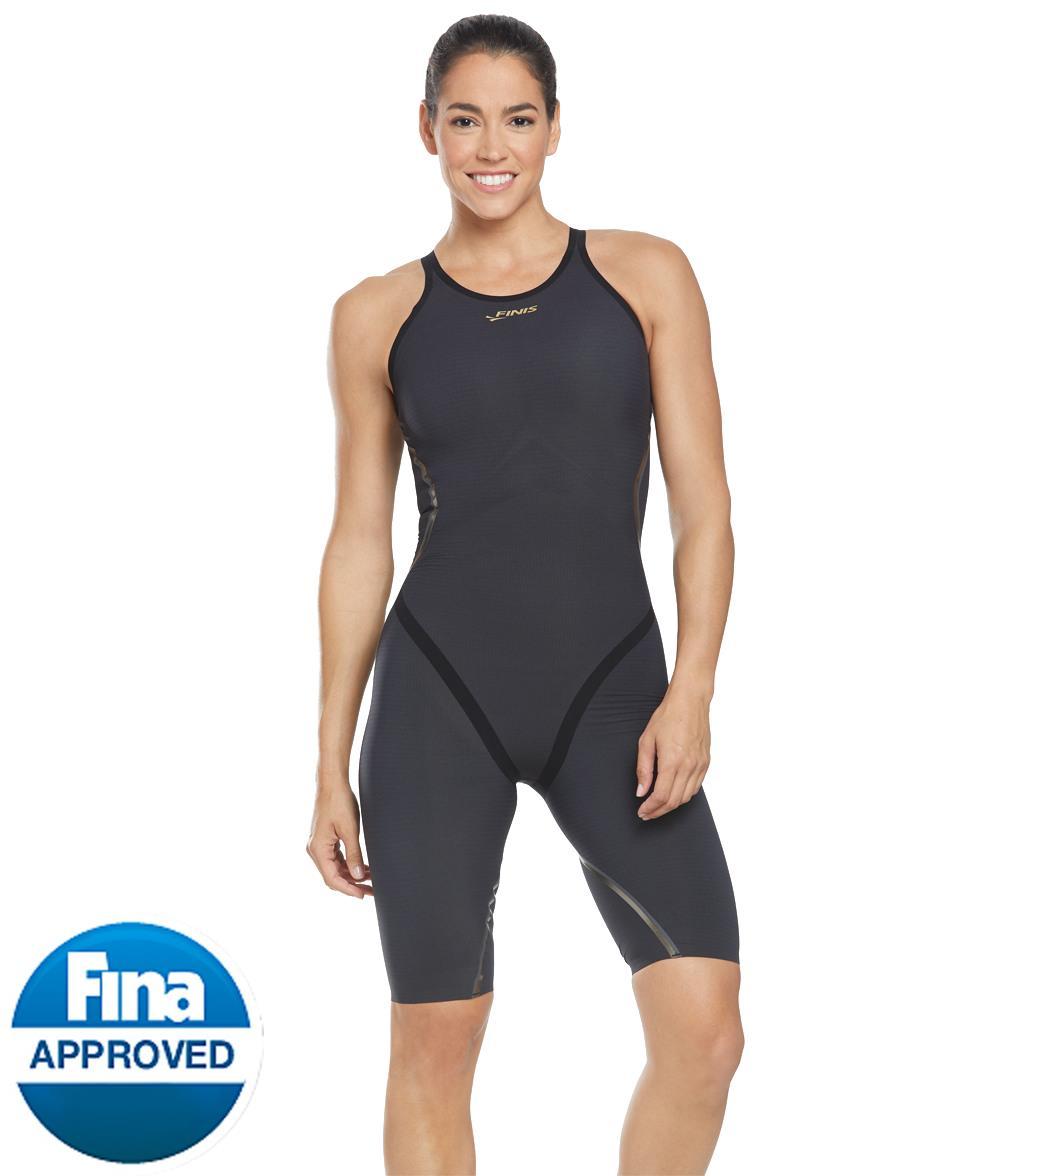 Finis Women's Rival.0 Closed Back Kneeskin Tech Suit Swimsuit